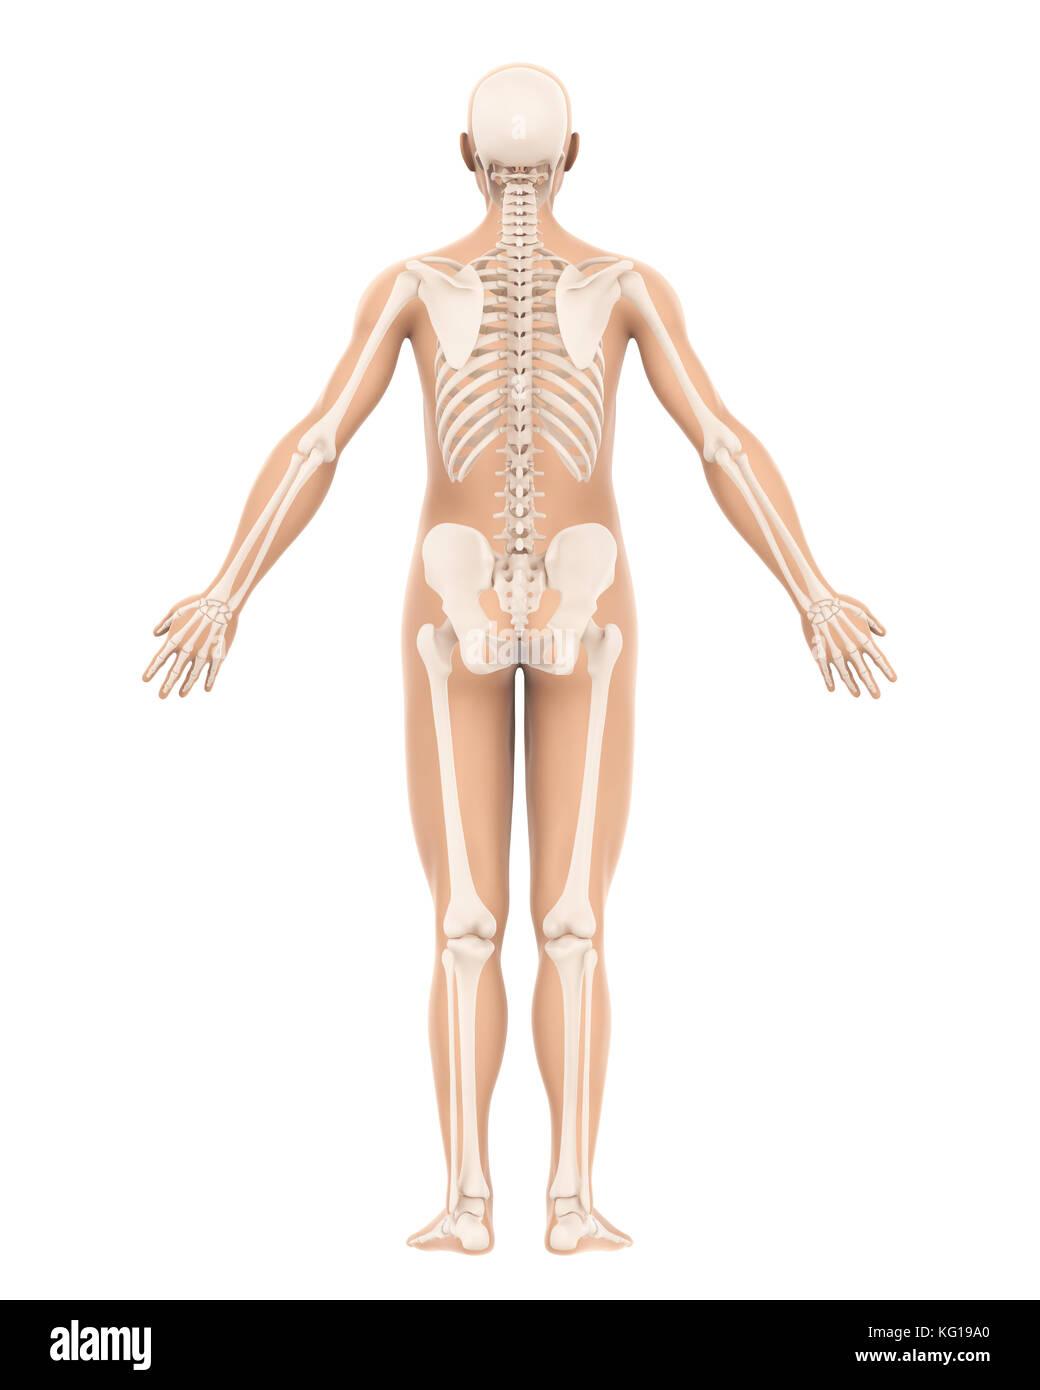 Menschliches Skelett Anatomie Stockfoto, Bild: 164757096 - Alamy